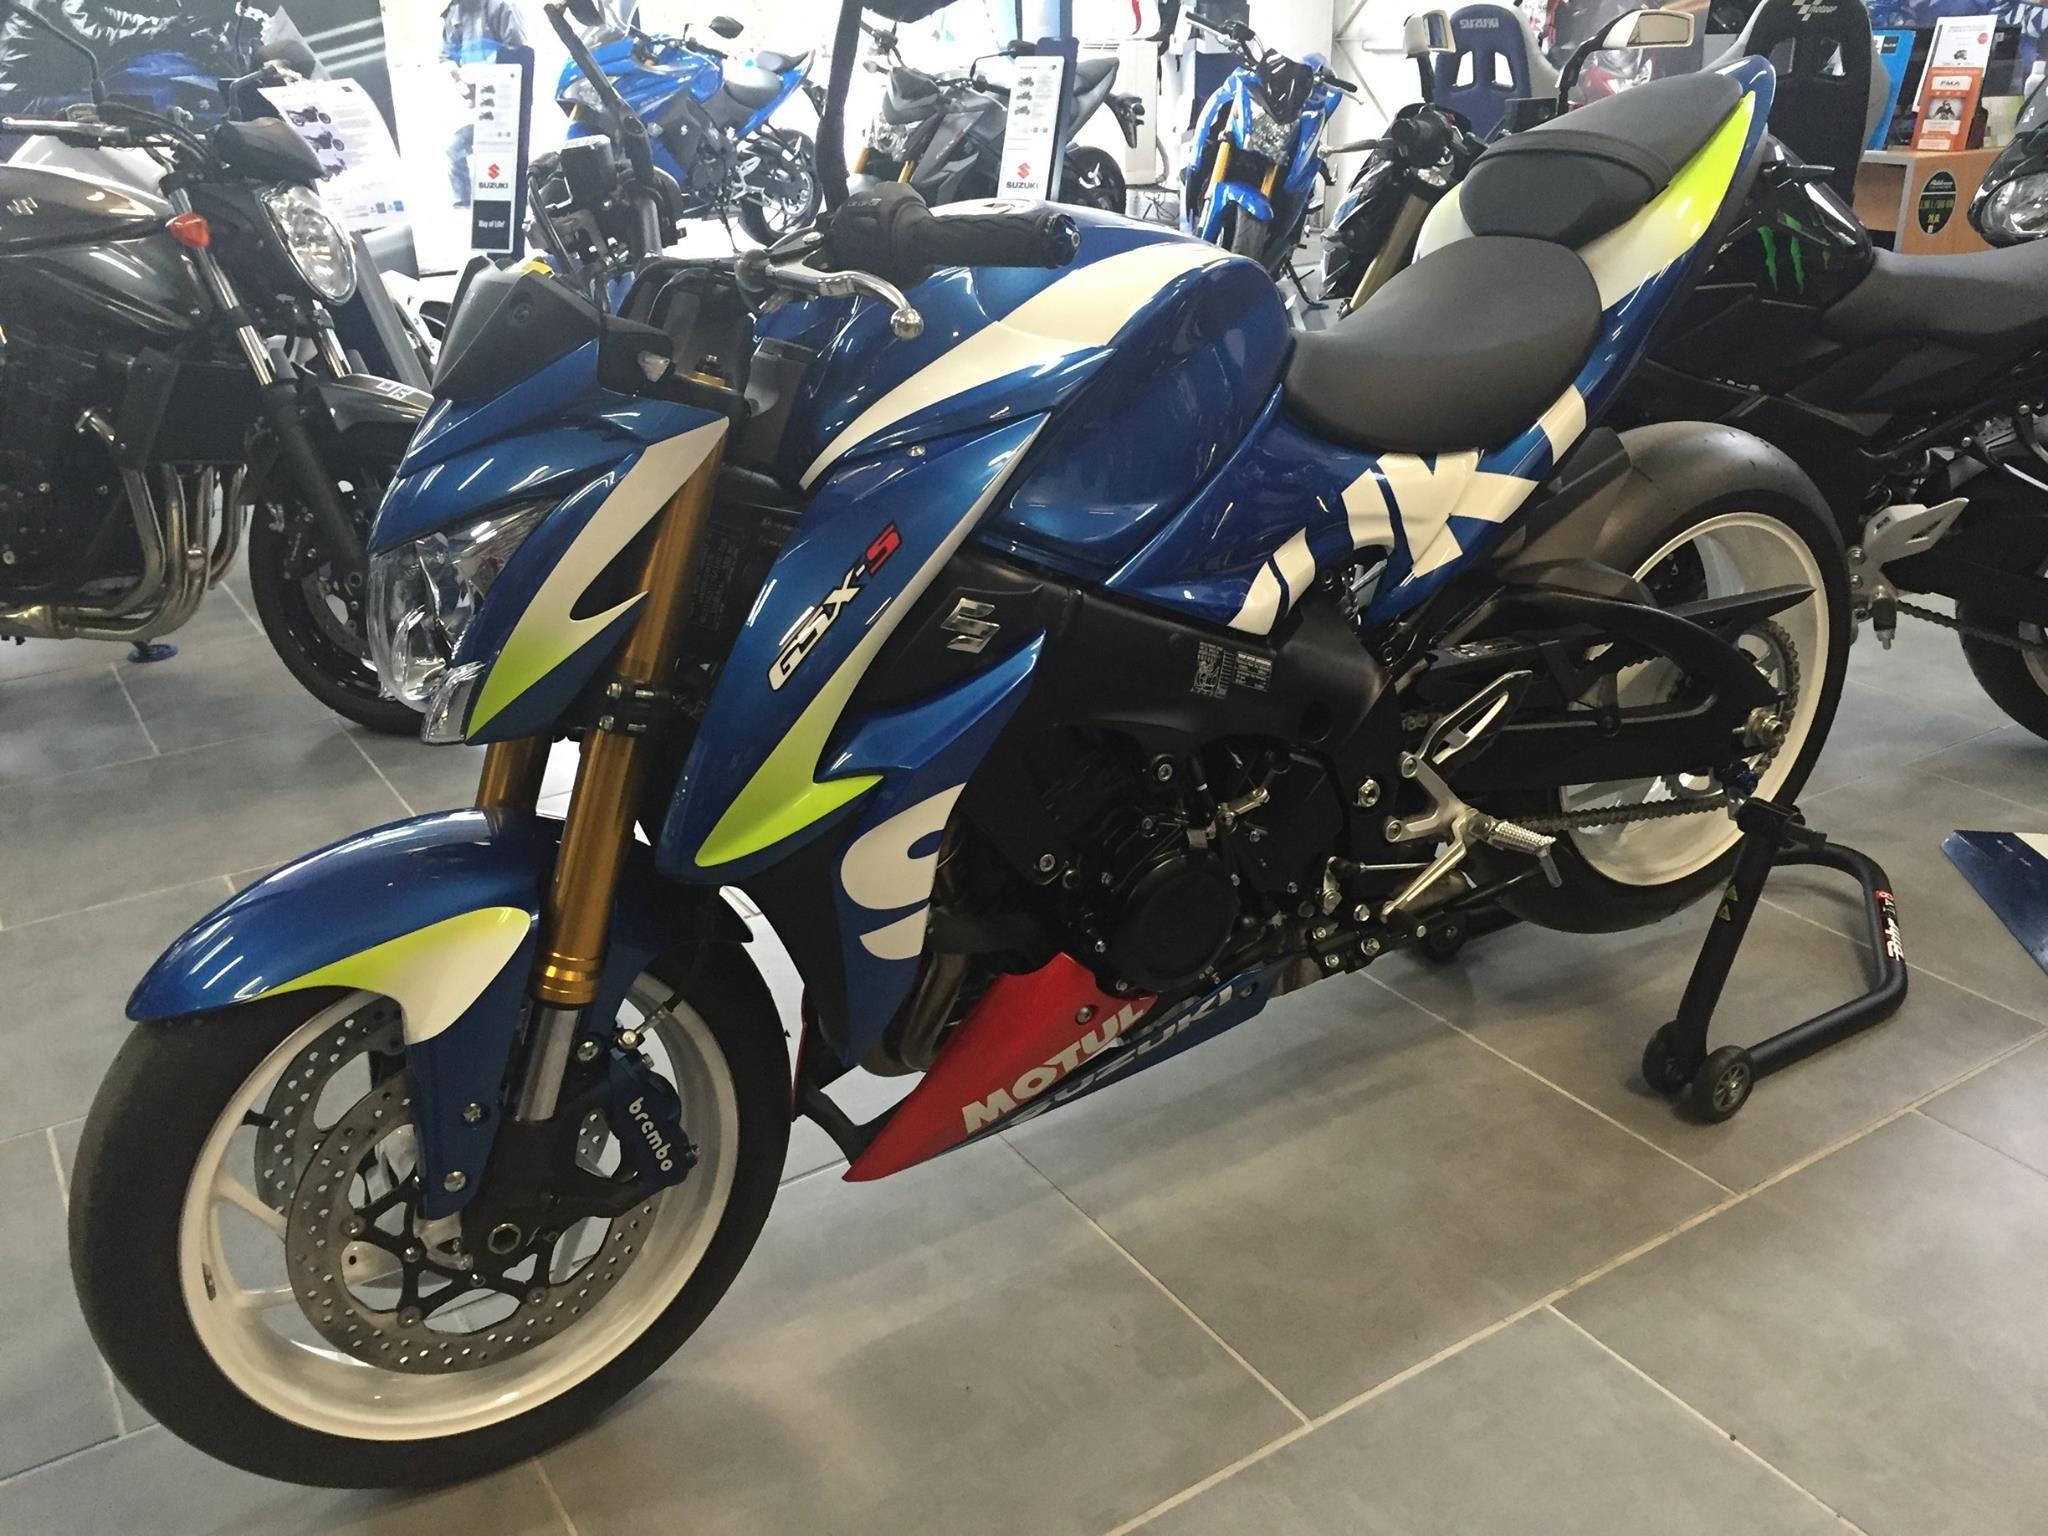 suzuki gsx s 1000 motogp bikes pinterest suzuki gsx motogp and gsxs 1000. Black Bedroom Furniture Sets. Home Design Ideas